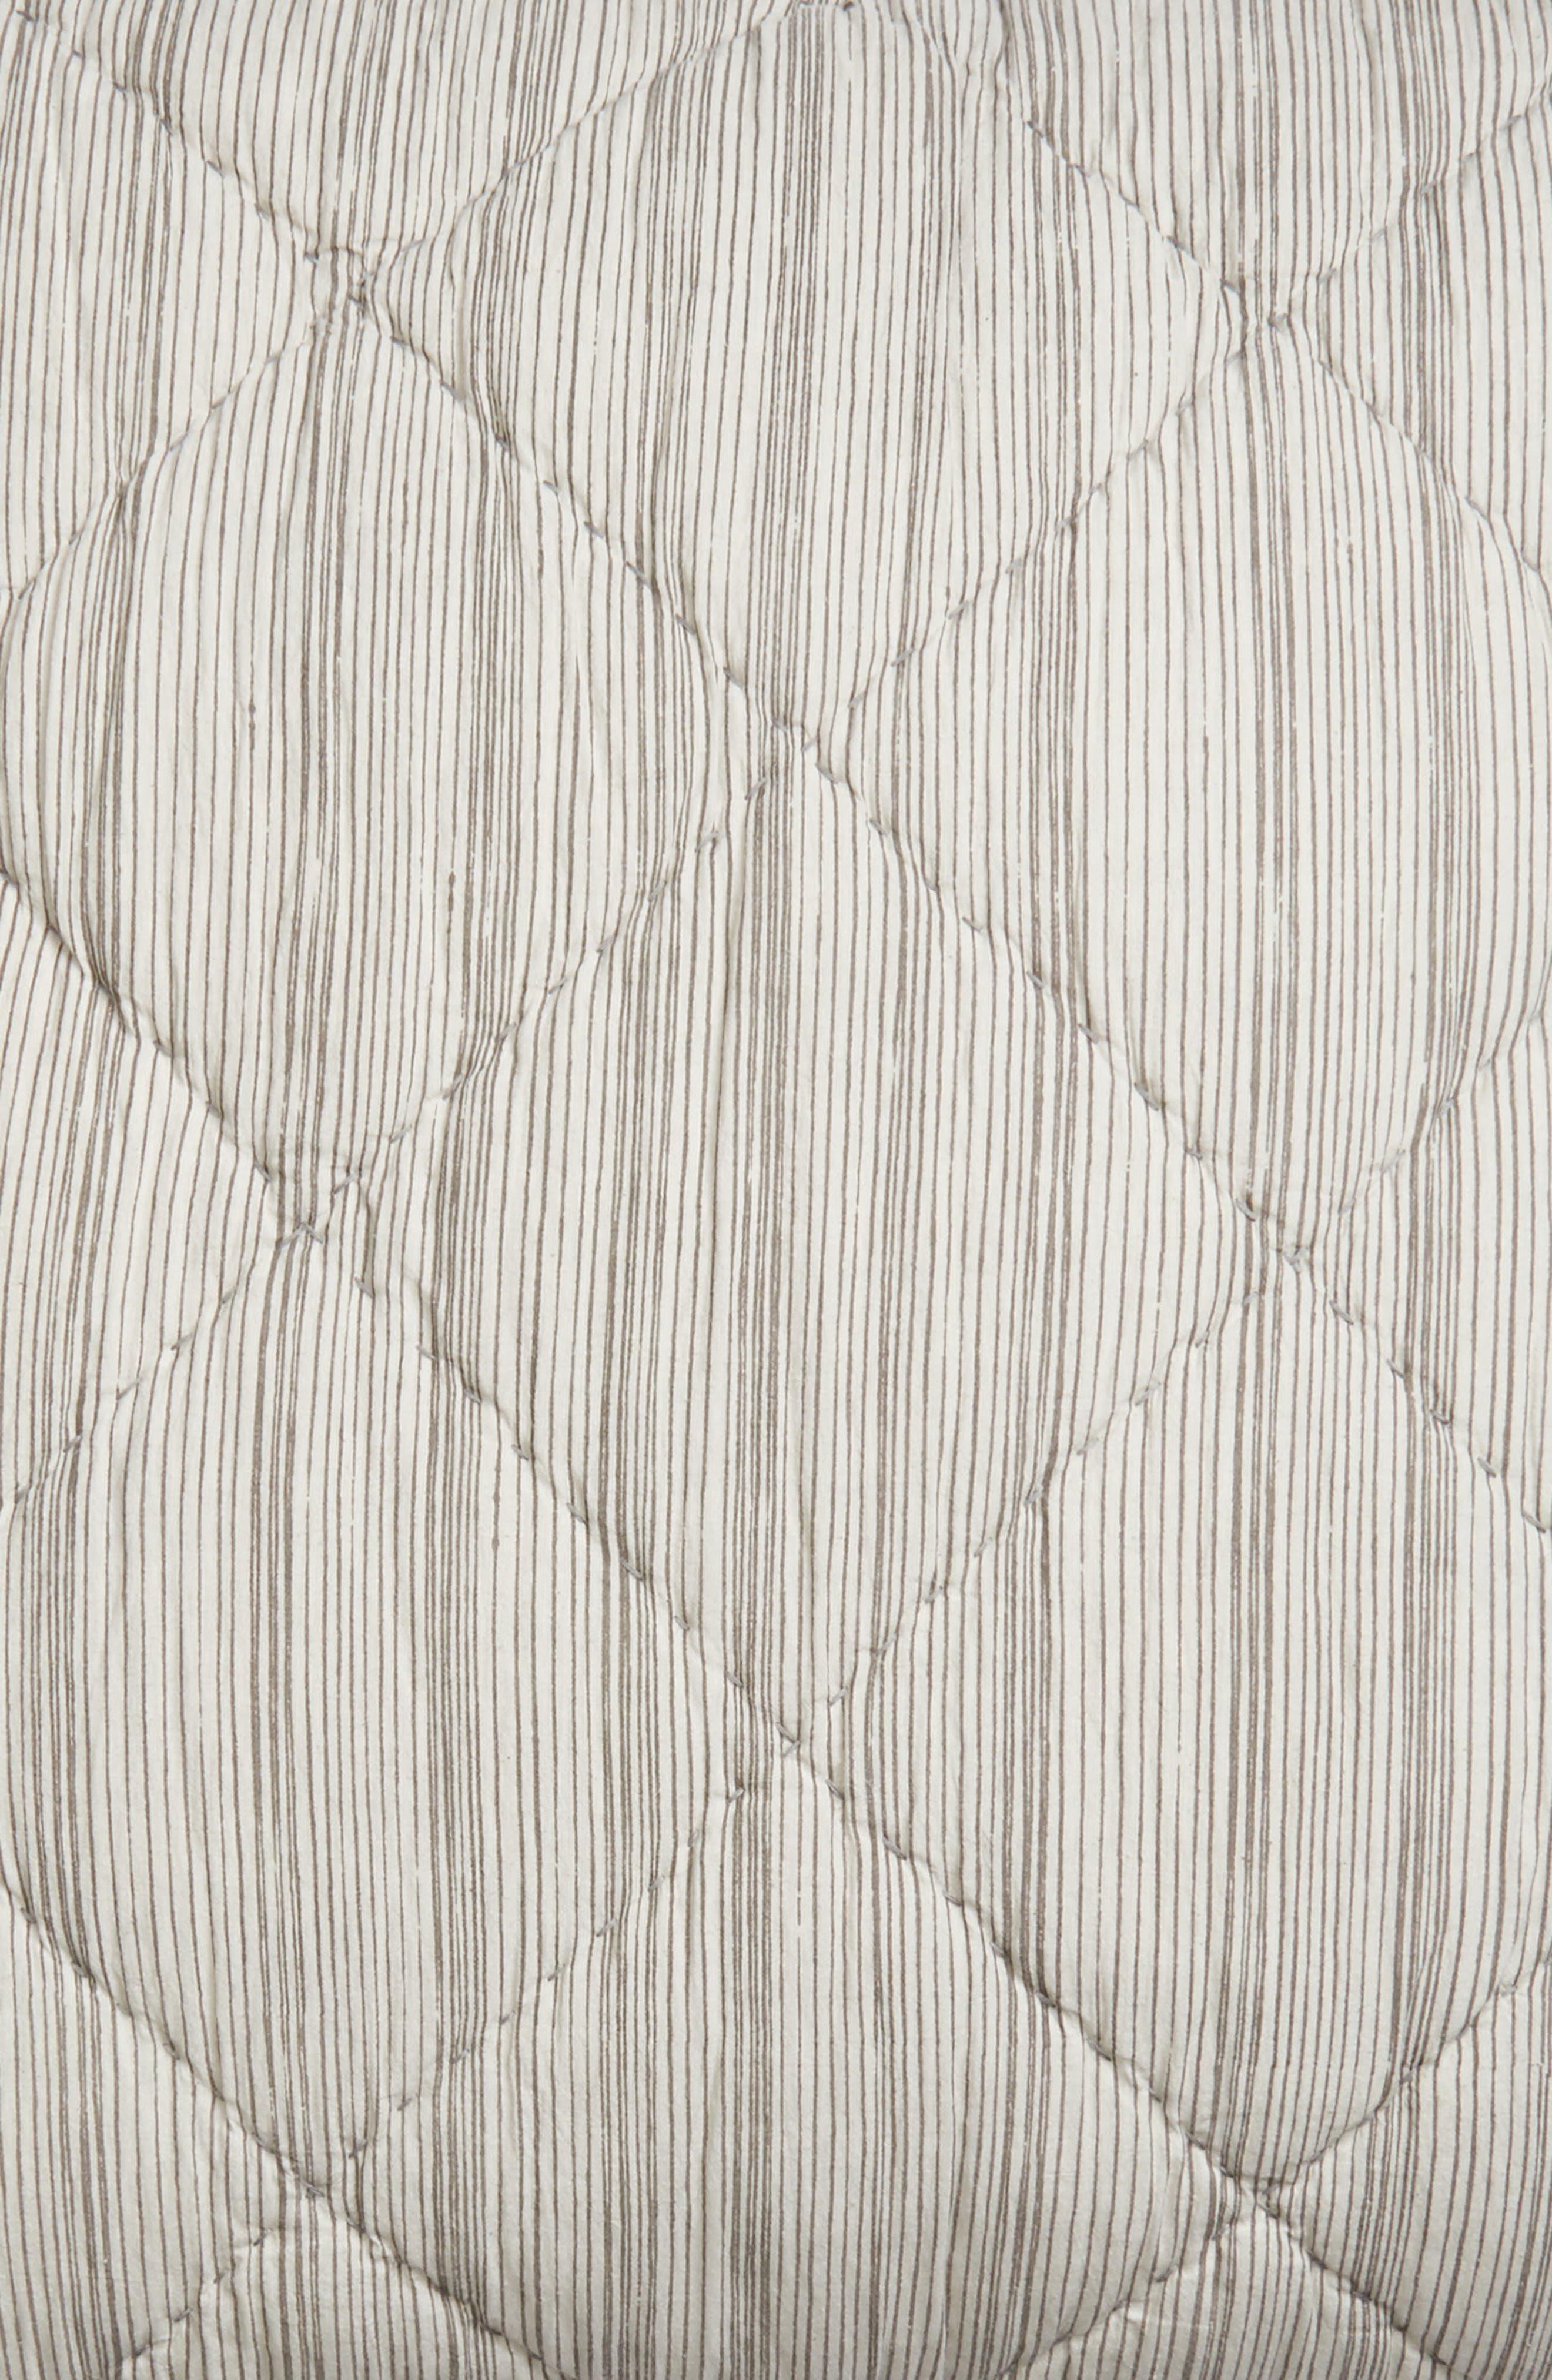 Diamond Stripe Euro Sham,                             Alternate thumbnail 3, color,                             021